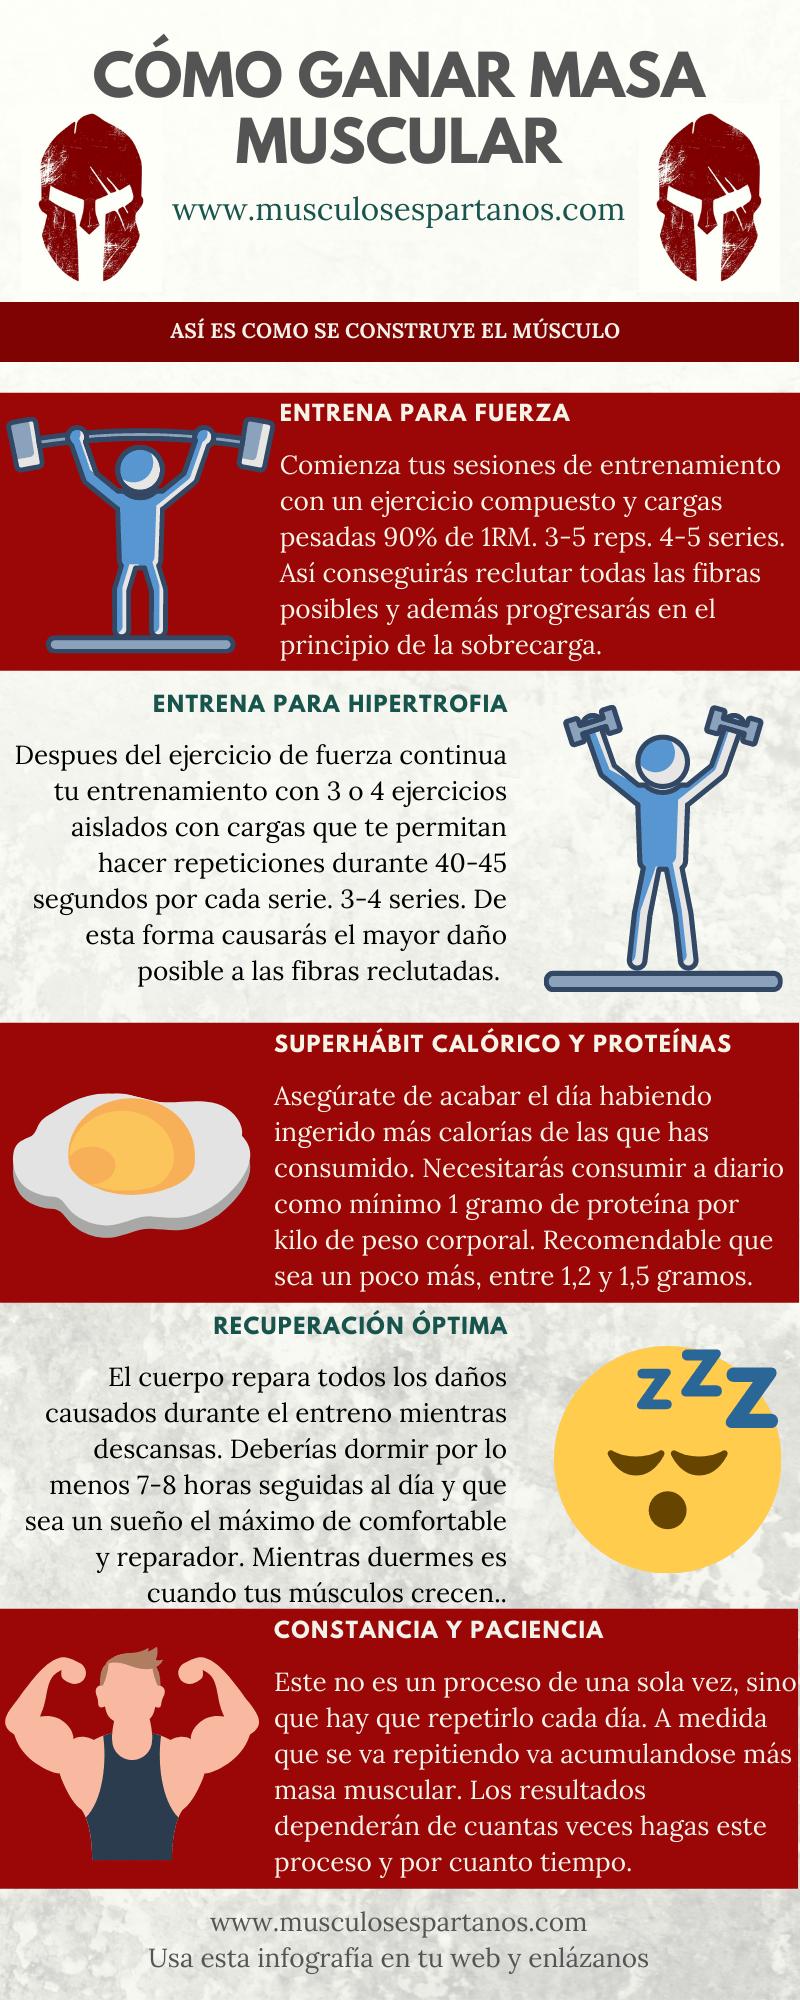 infografia ganar masa muscular